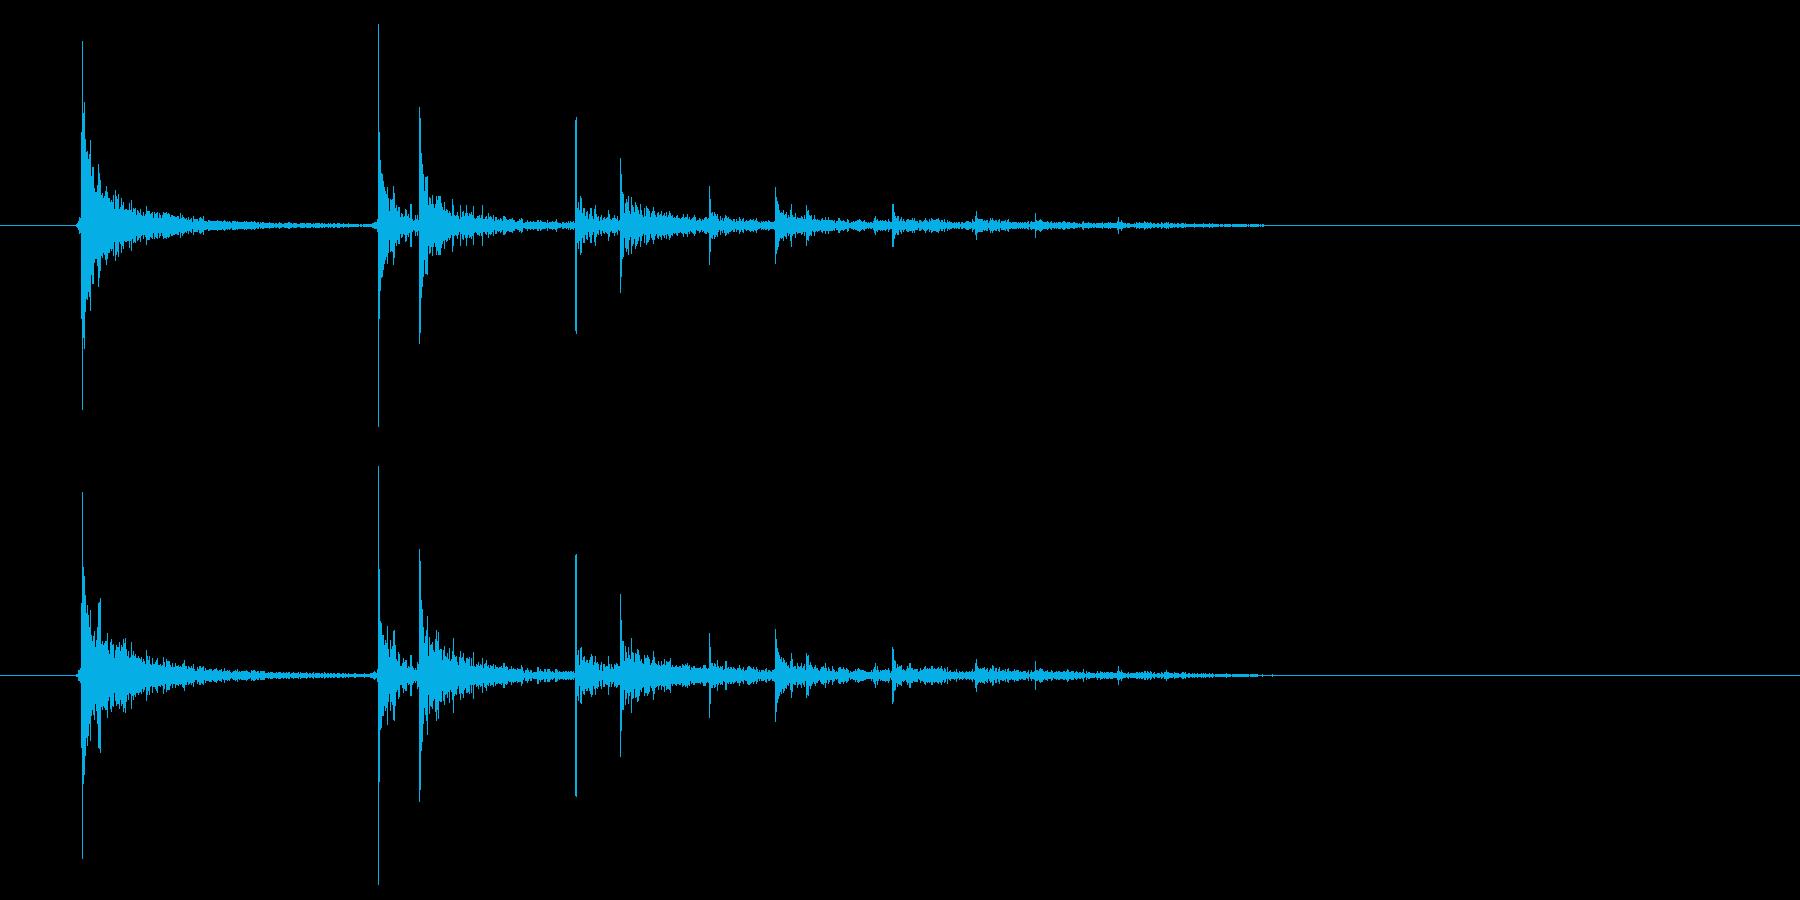 空き缶が転がる音の再生済みの波形